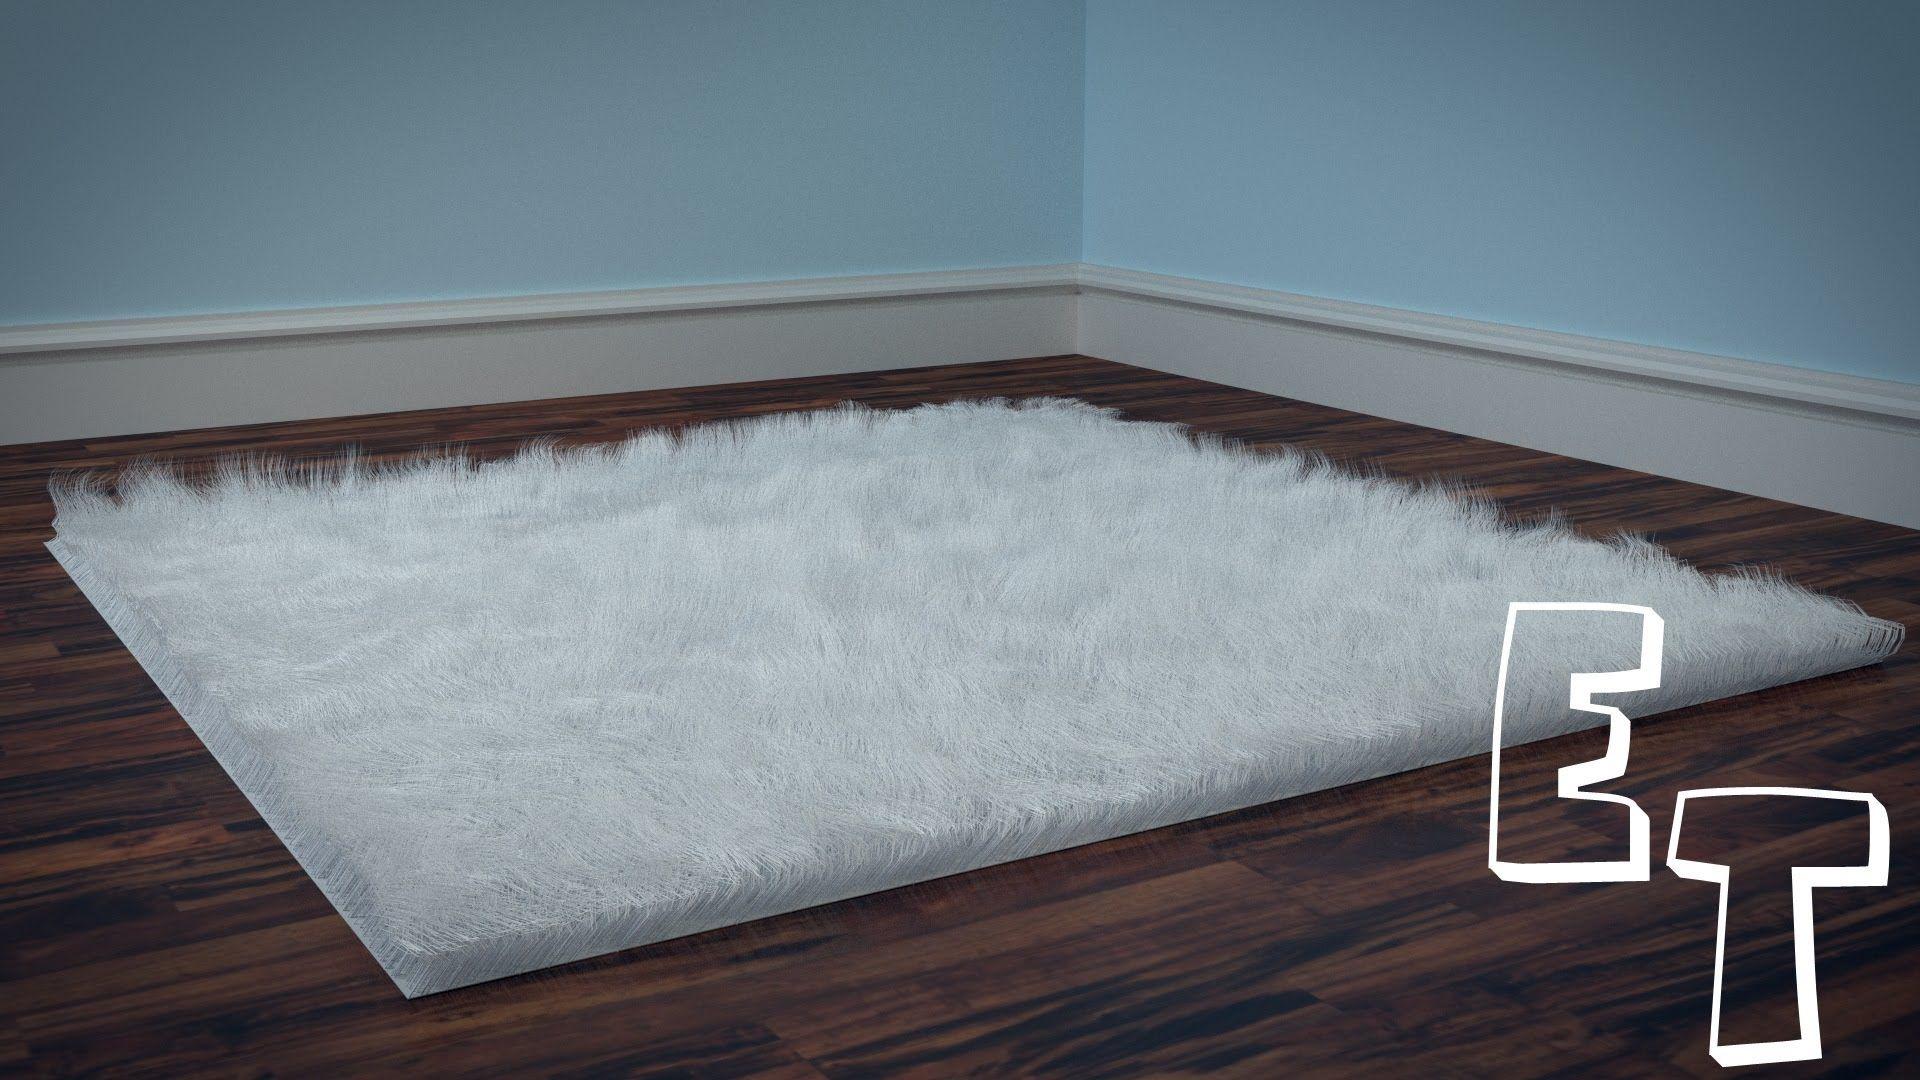 How To Make A Fluffy Carpet In Blender Blender Tutorial Blender Blender 3d